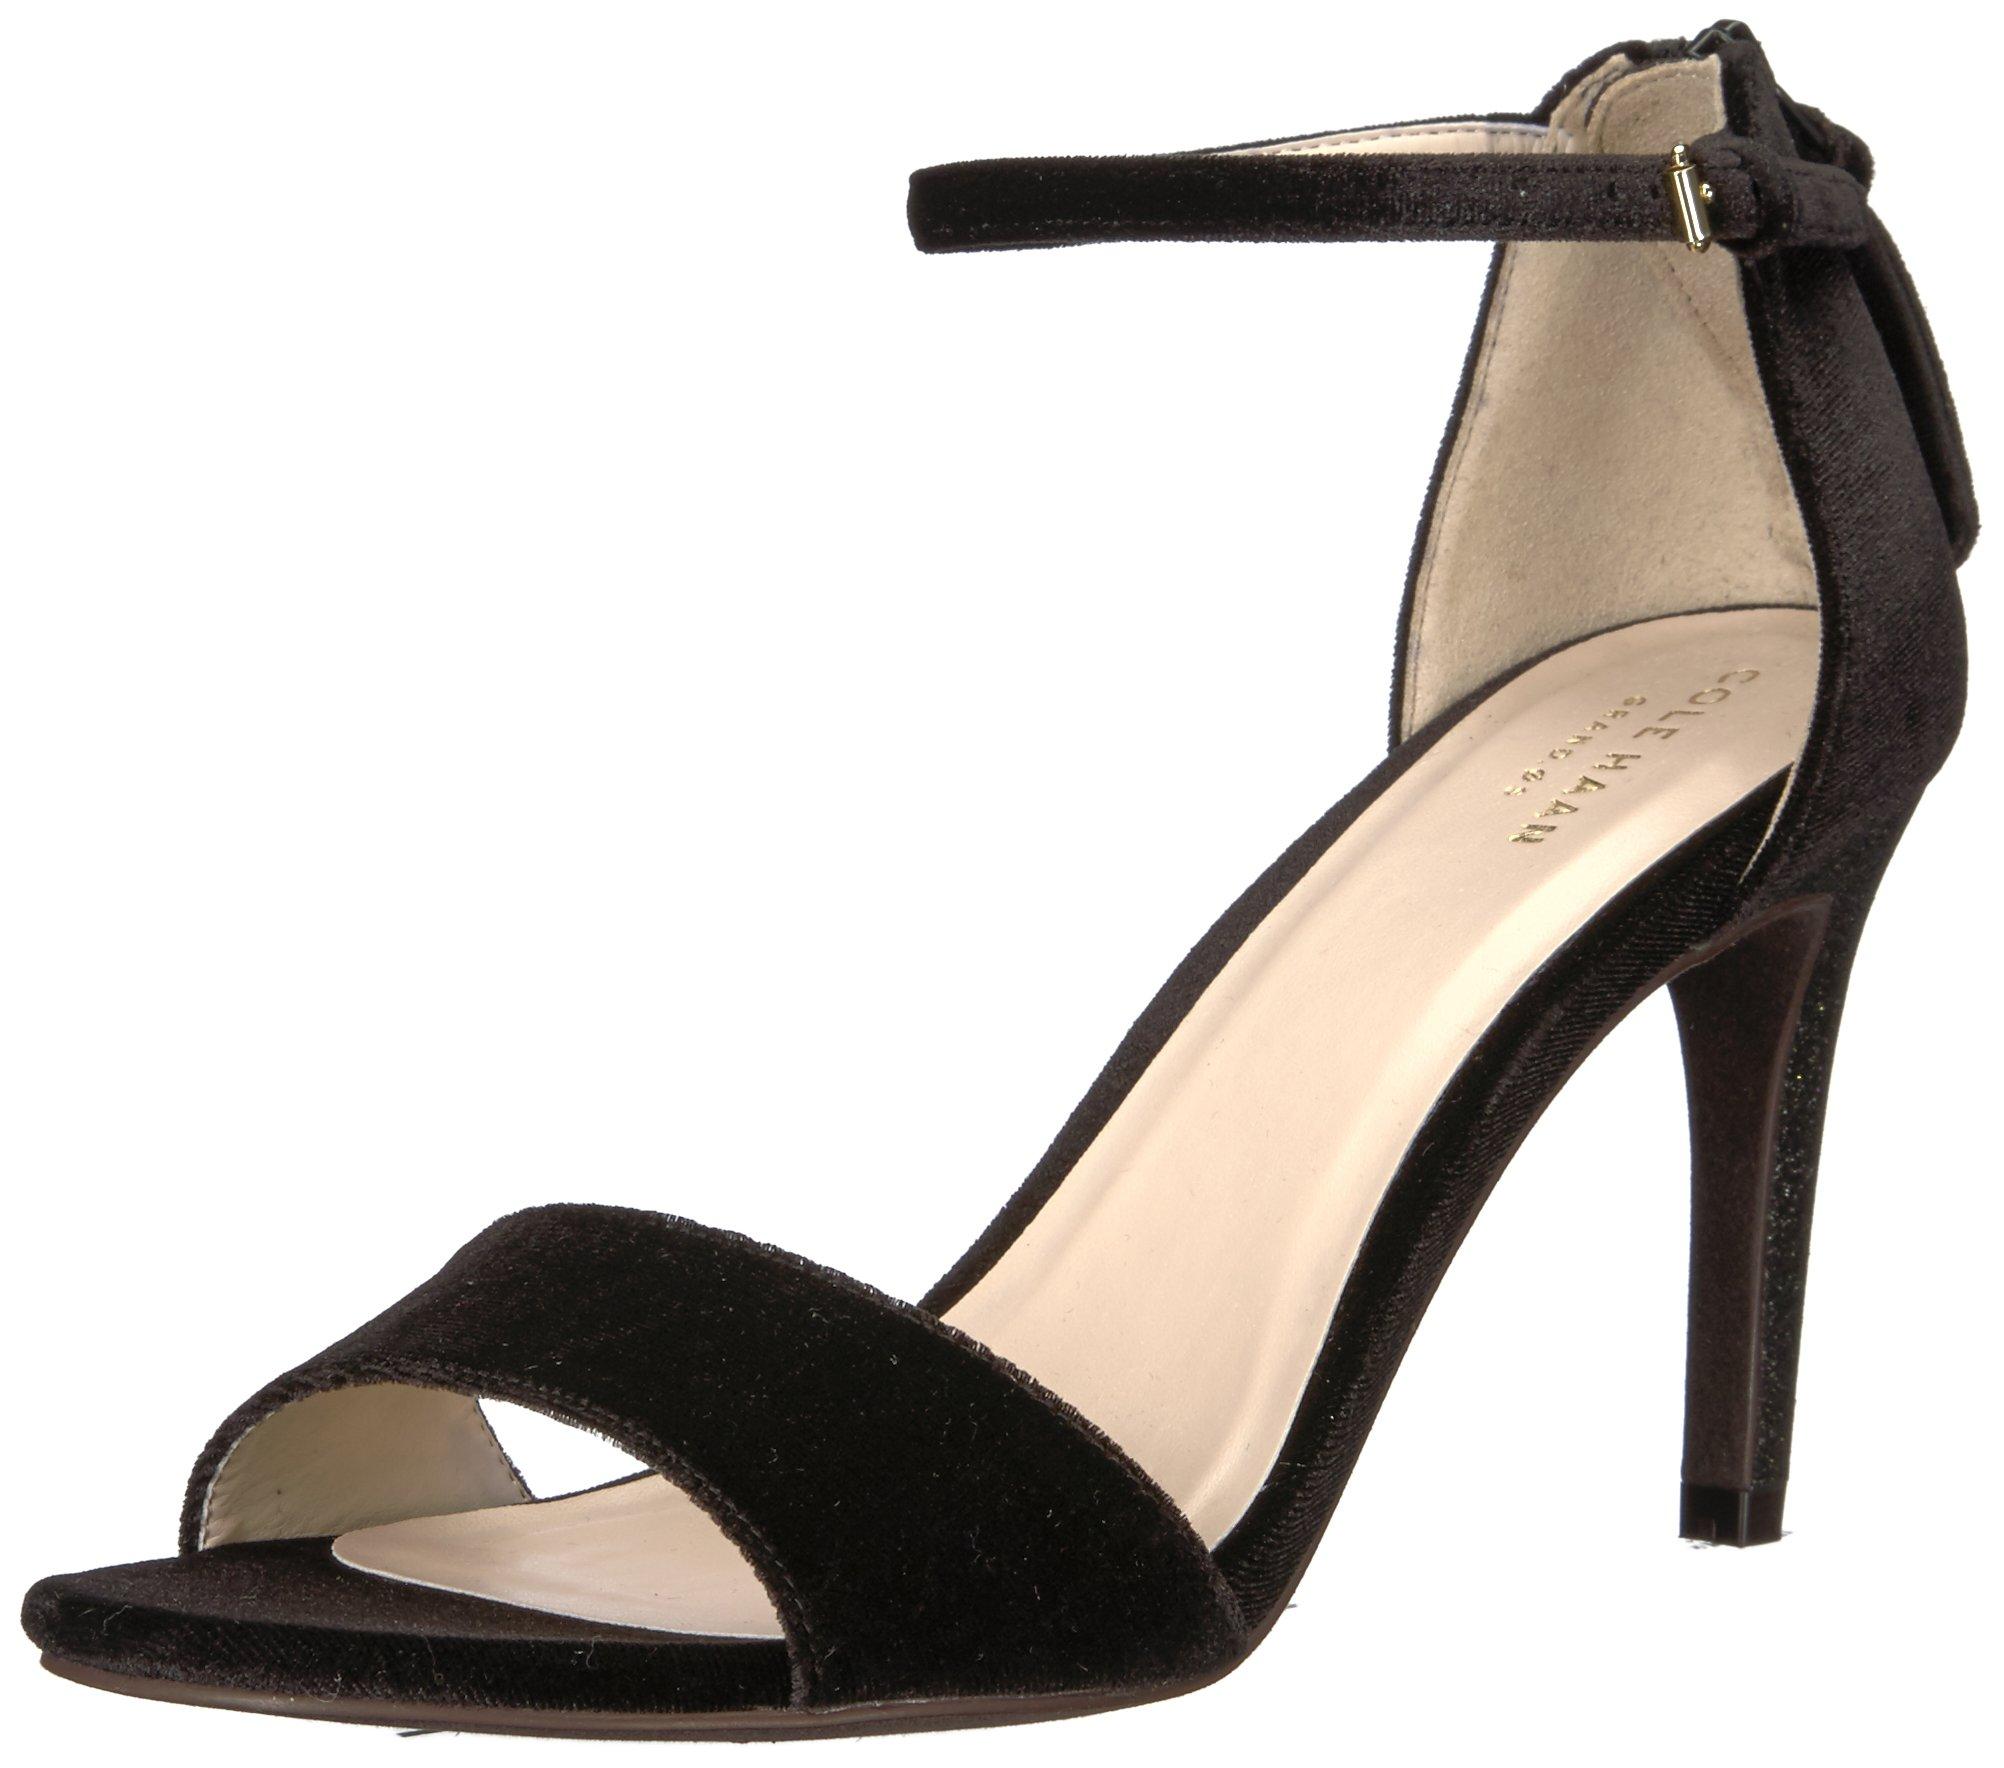 Cole Haan Women's Clara Grand Sandal 85Mm, Black Velvet, 8 B US